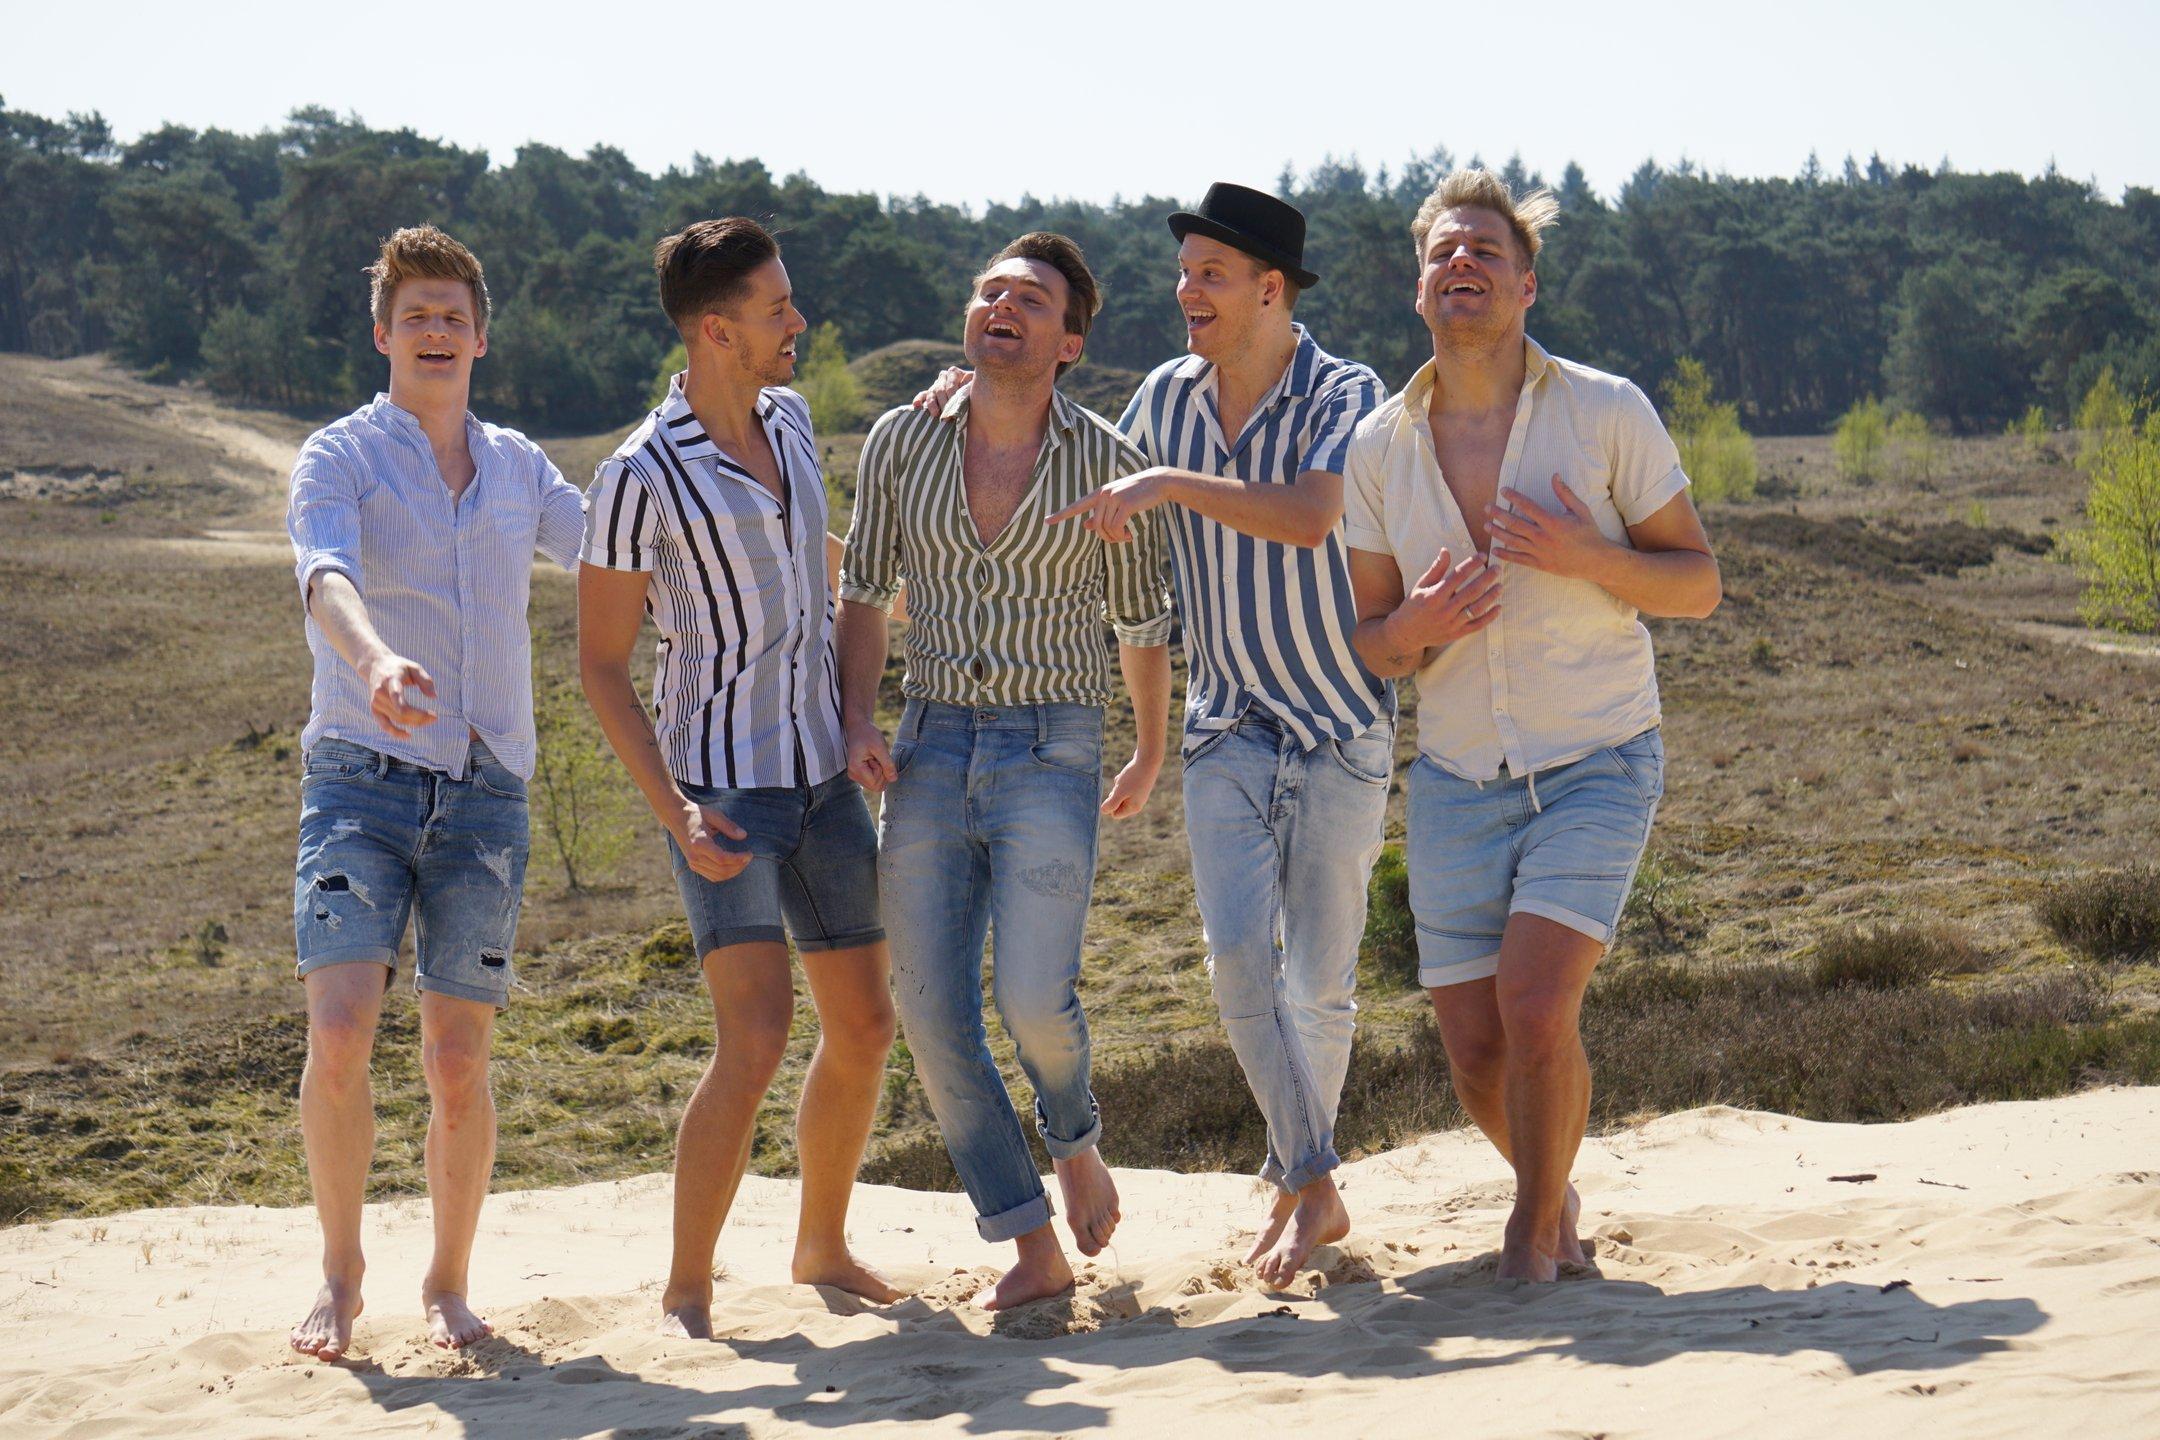 Deels Leidse boyband STORM deelnemer van talentenjacht op Gay Pride